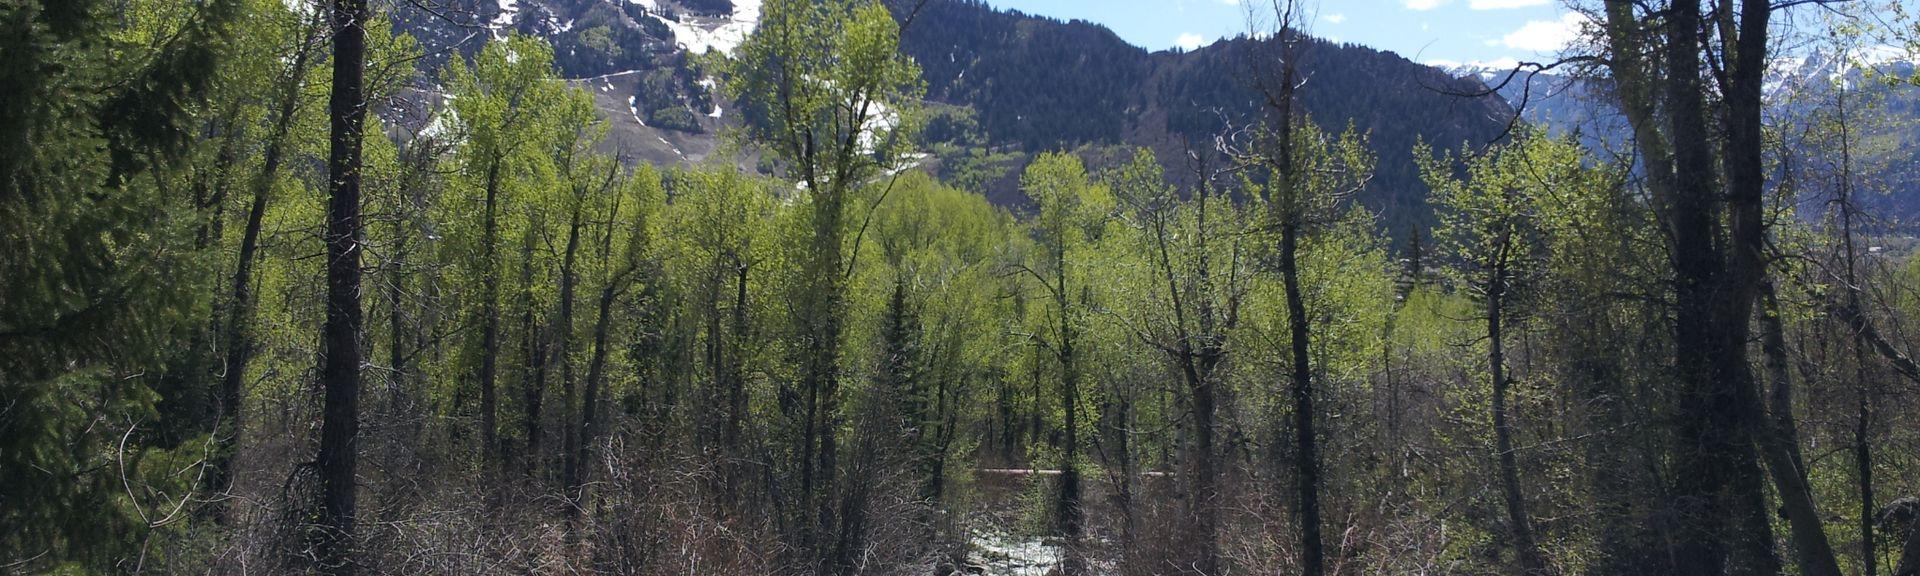 Aspen Mountain, Aspen, CO, USA